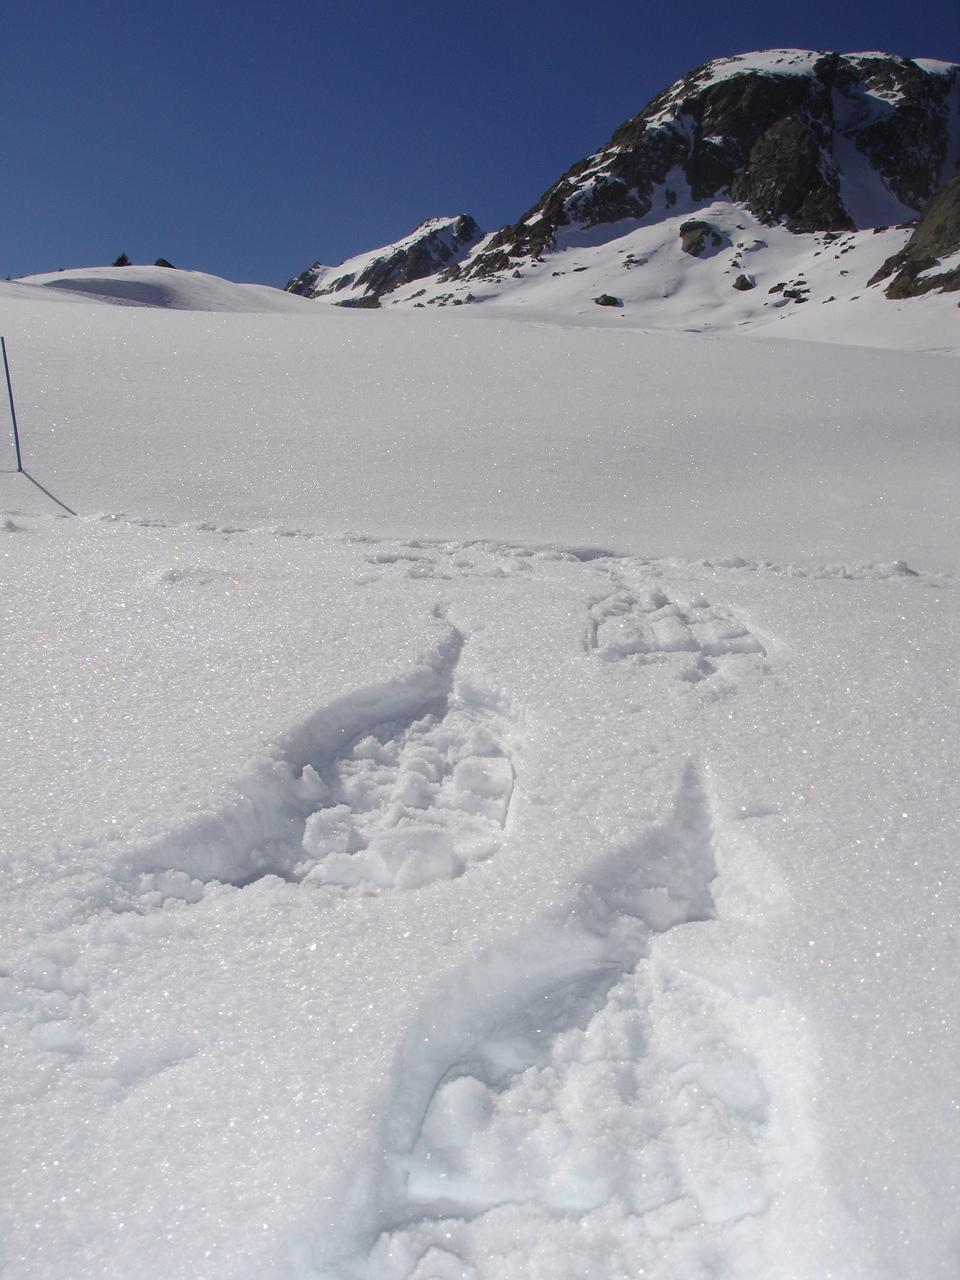 Snow shoeing with a guide : discovery of La Balme slope © ESF (Ecole de ski français)